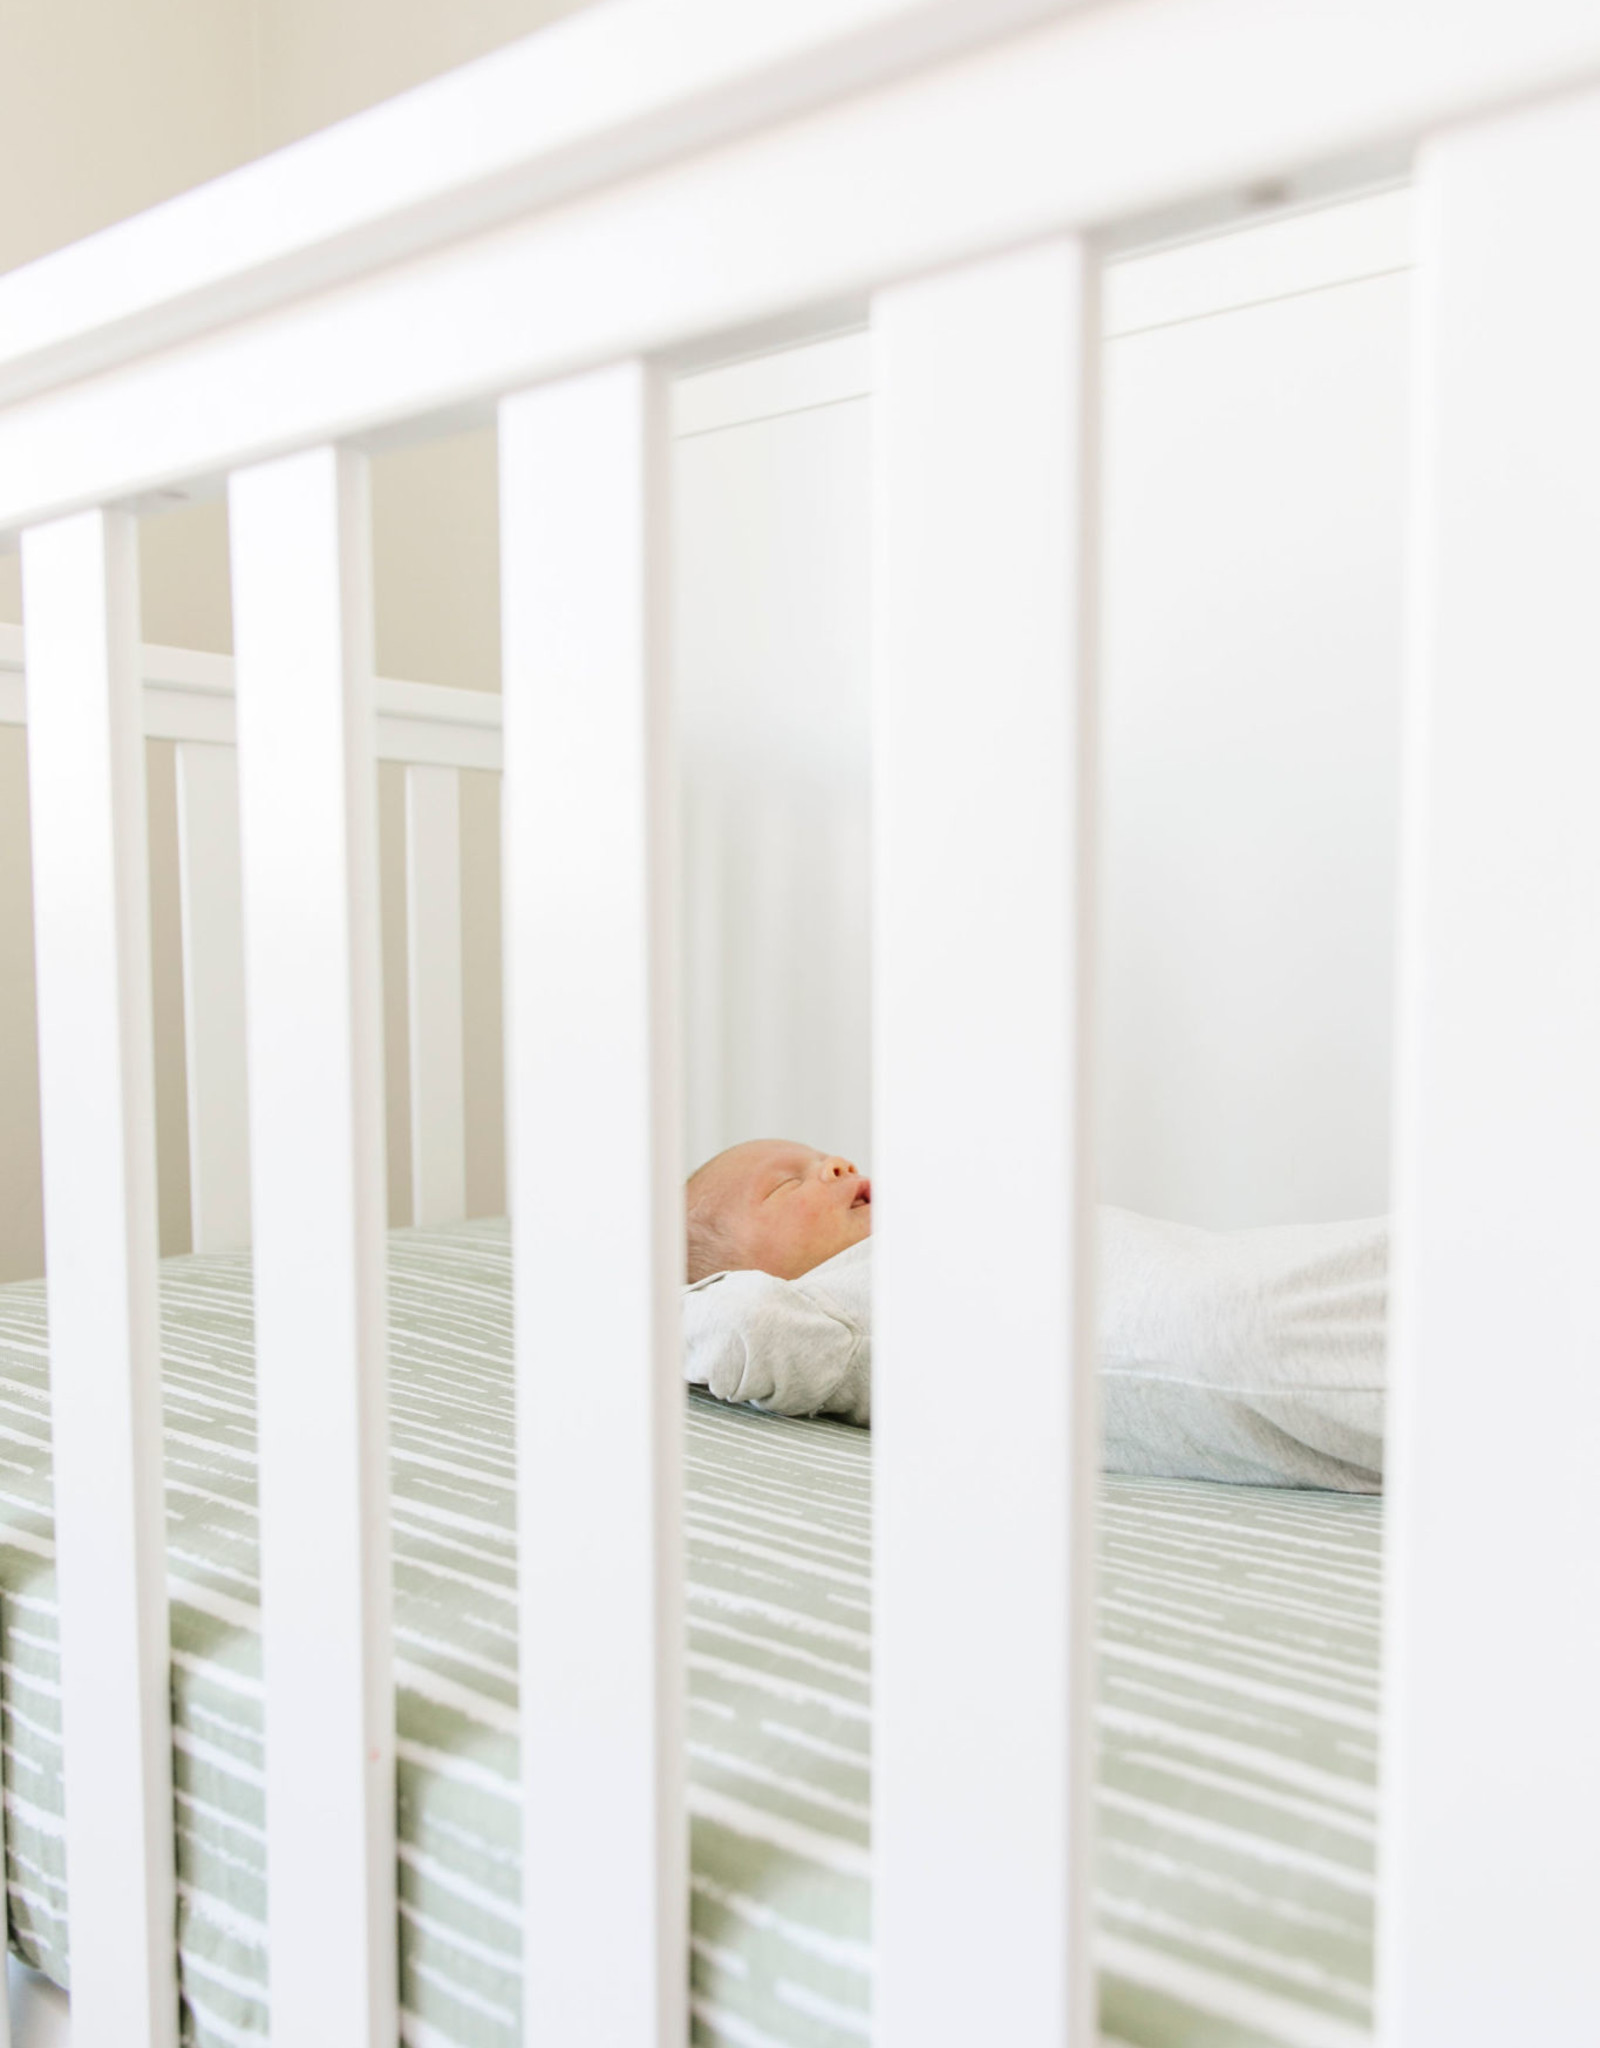 Saranoni Muslin Crib Sheet 107-4545-2 Forest Stripe